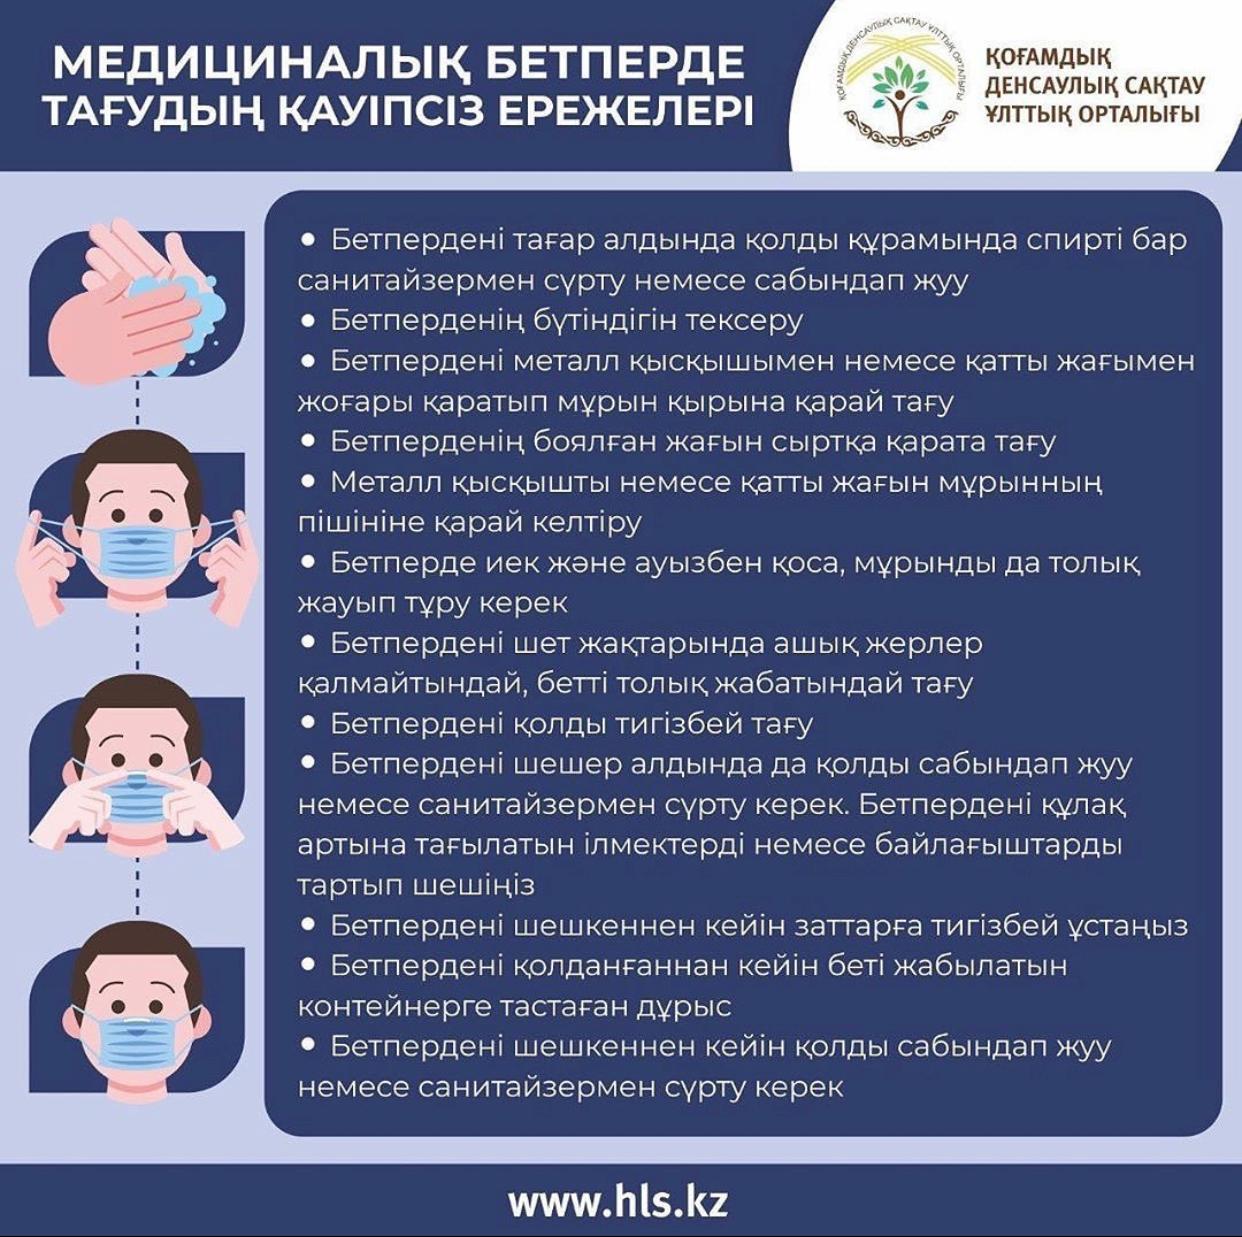 Правило безопасного ношения медицинских масок